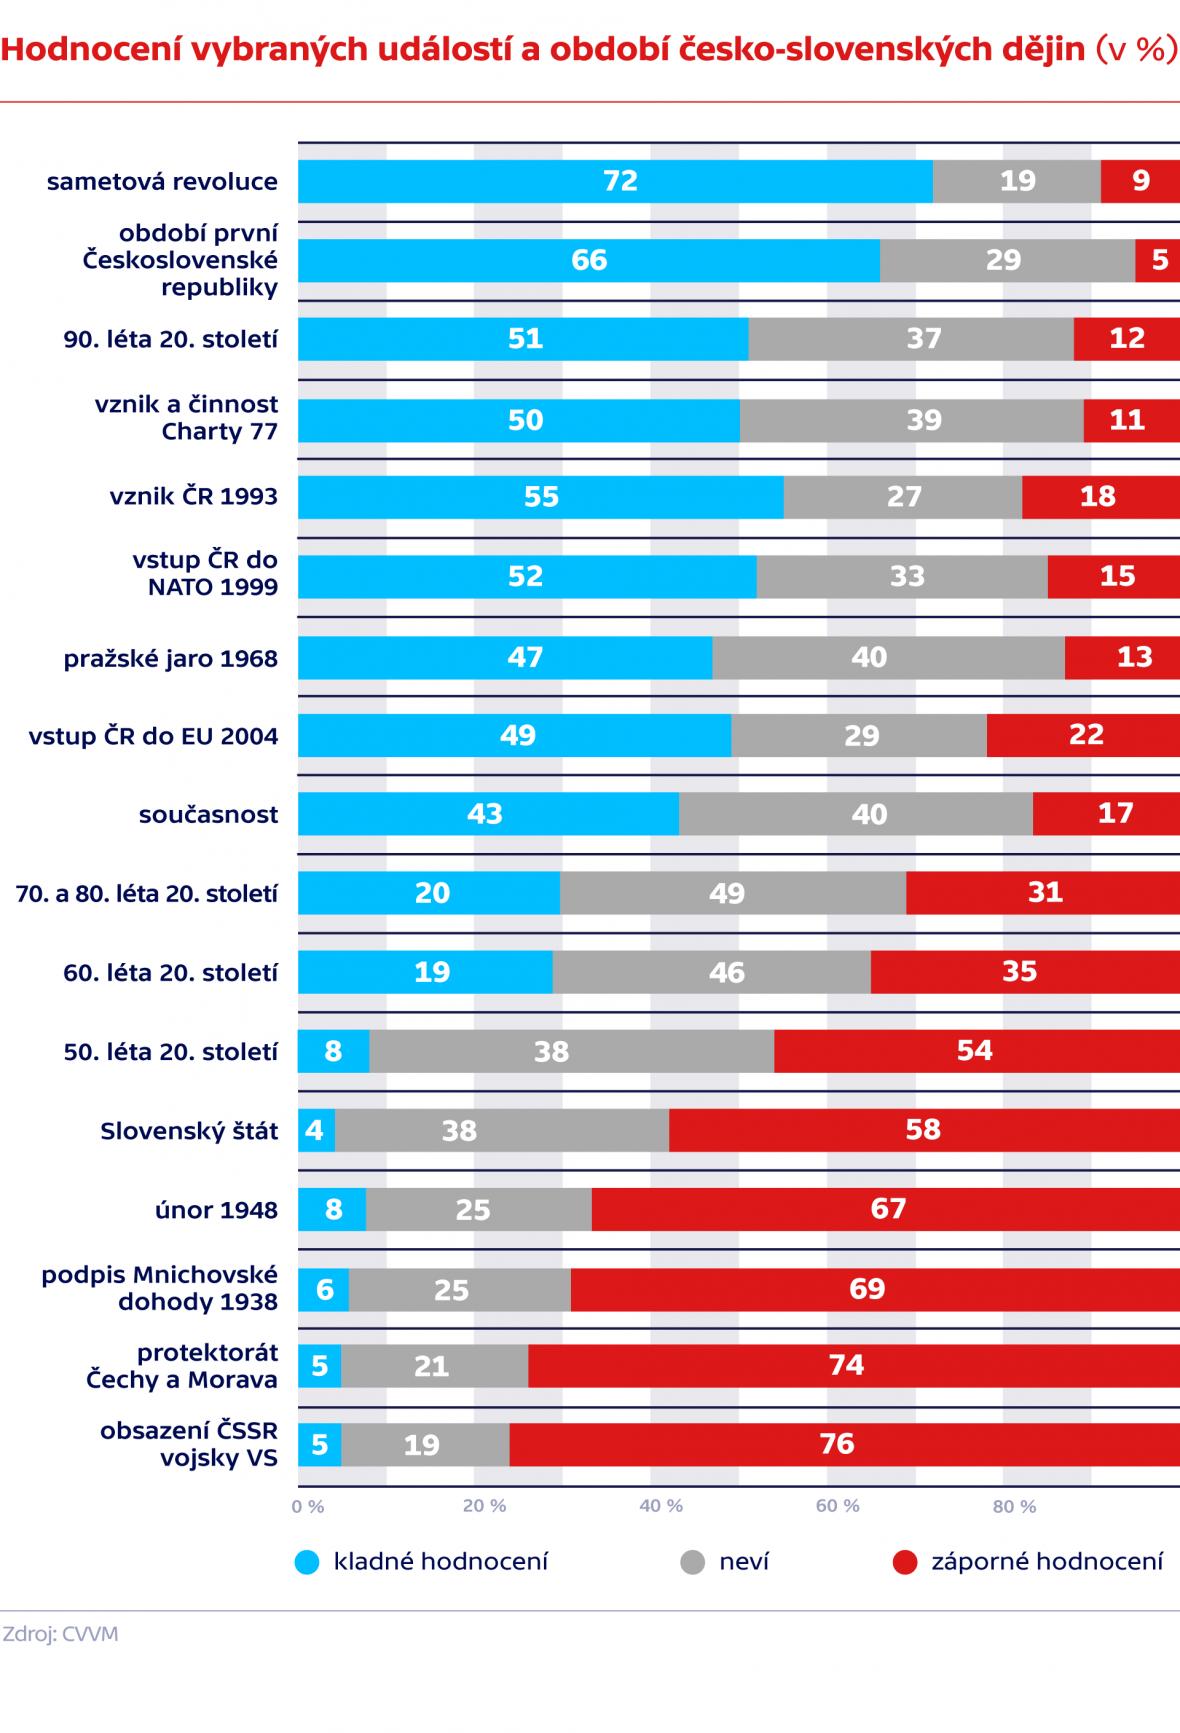 Hodnocení vybraných událostí a období česko-slovenských dějin (v %)